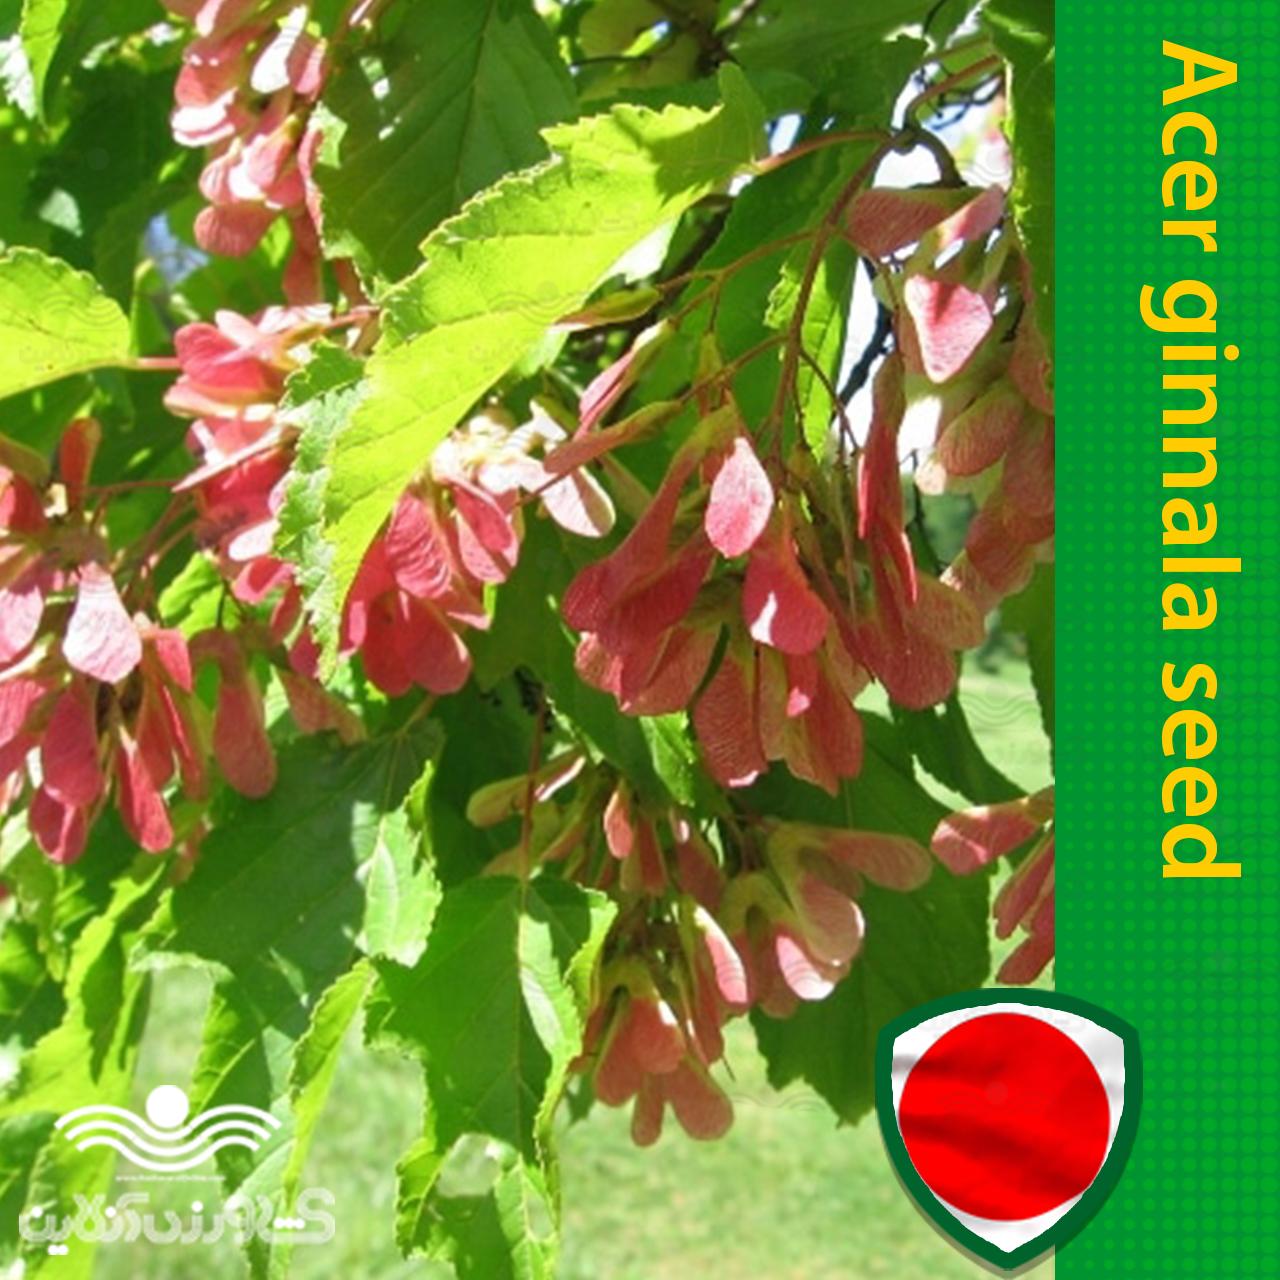 بذر درخت افرا جینانلا و روش کاشت